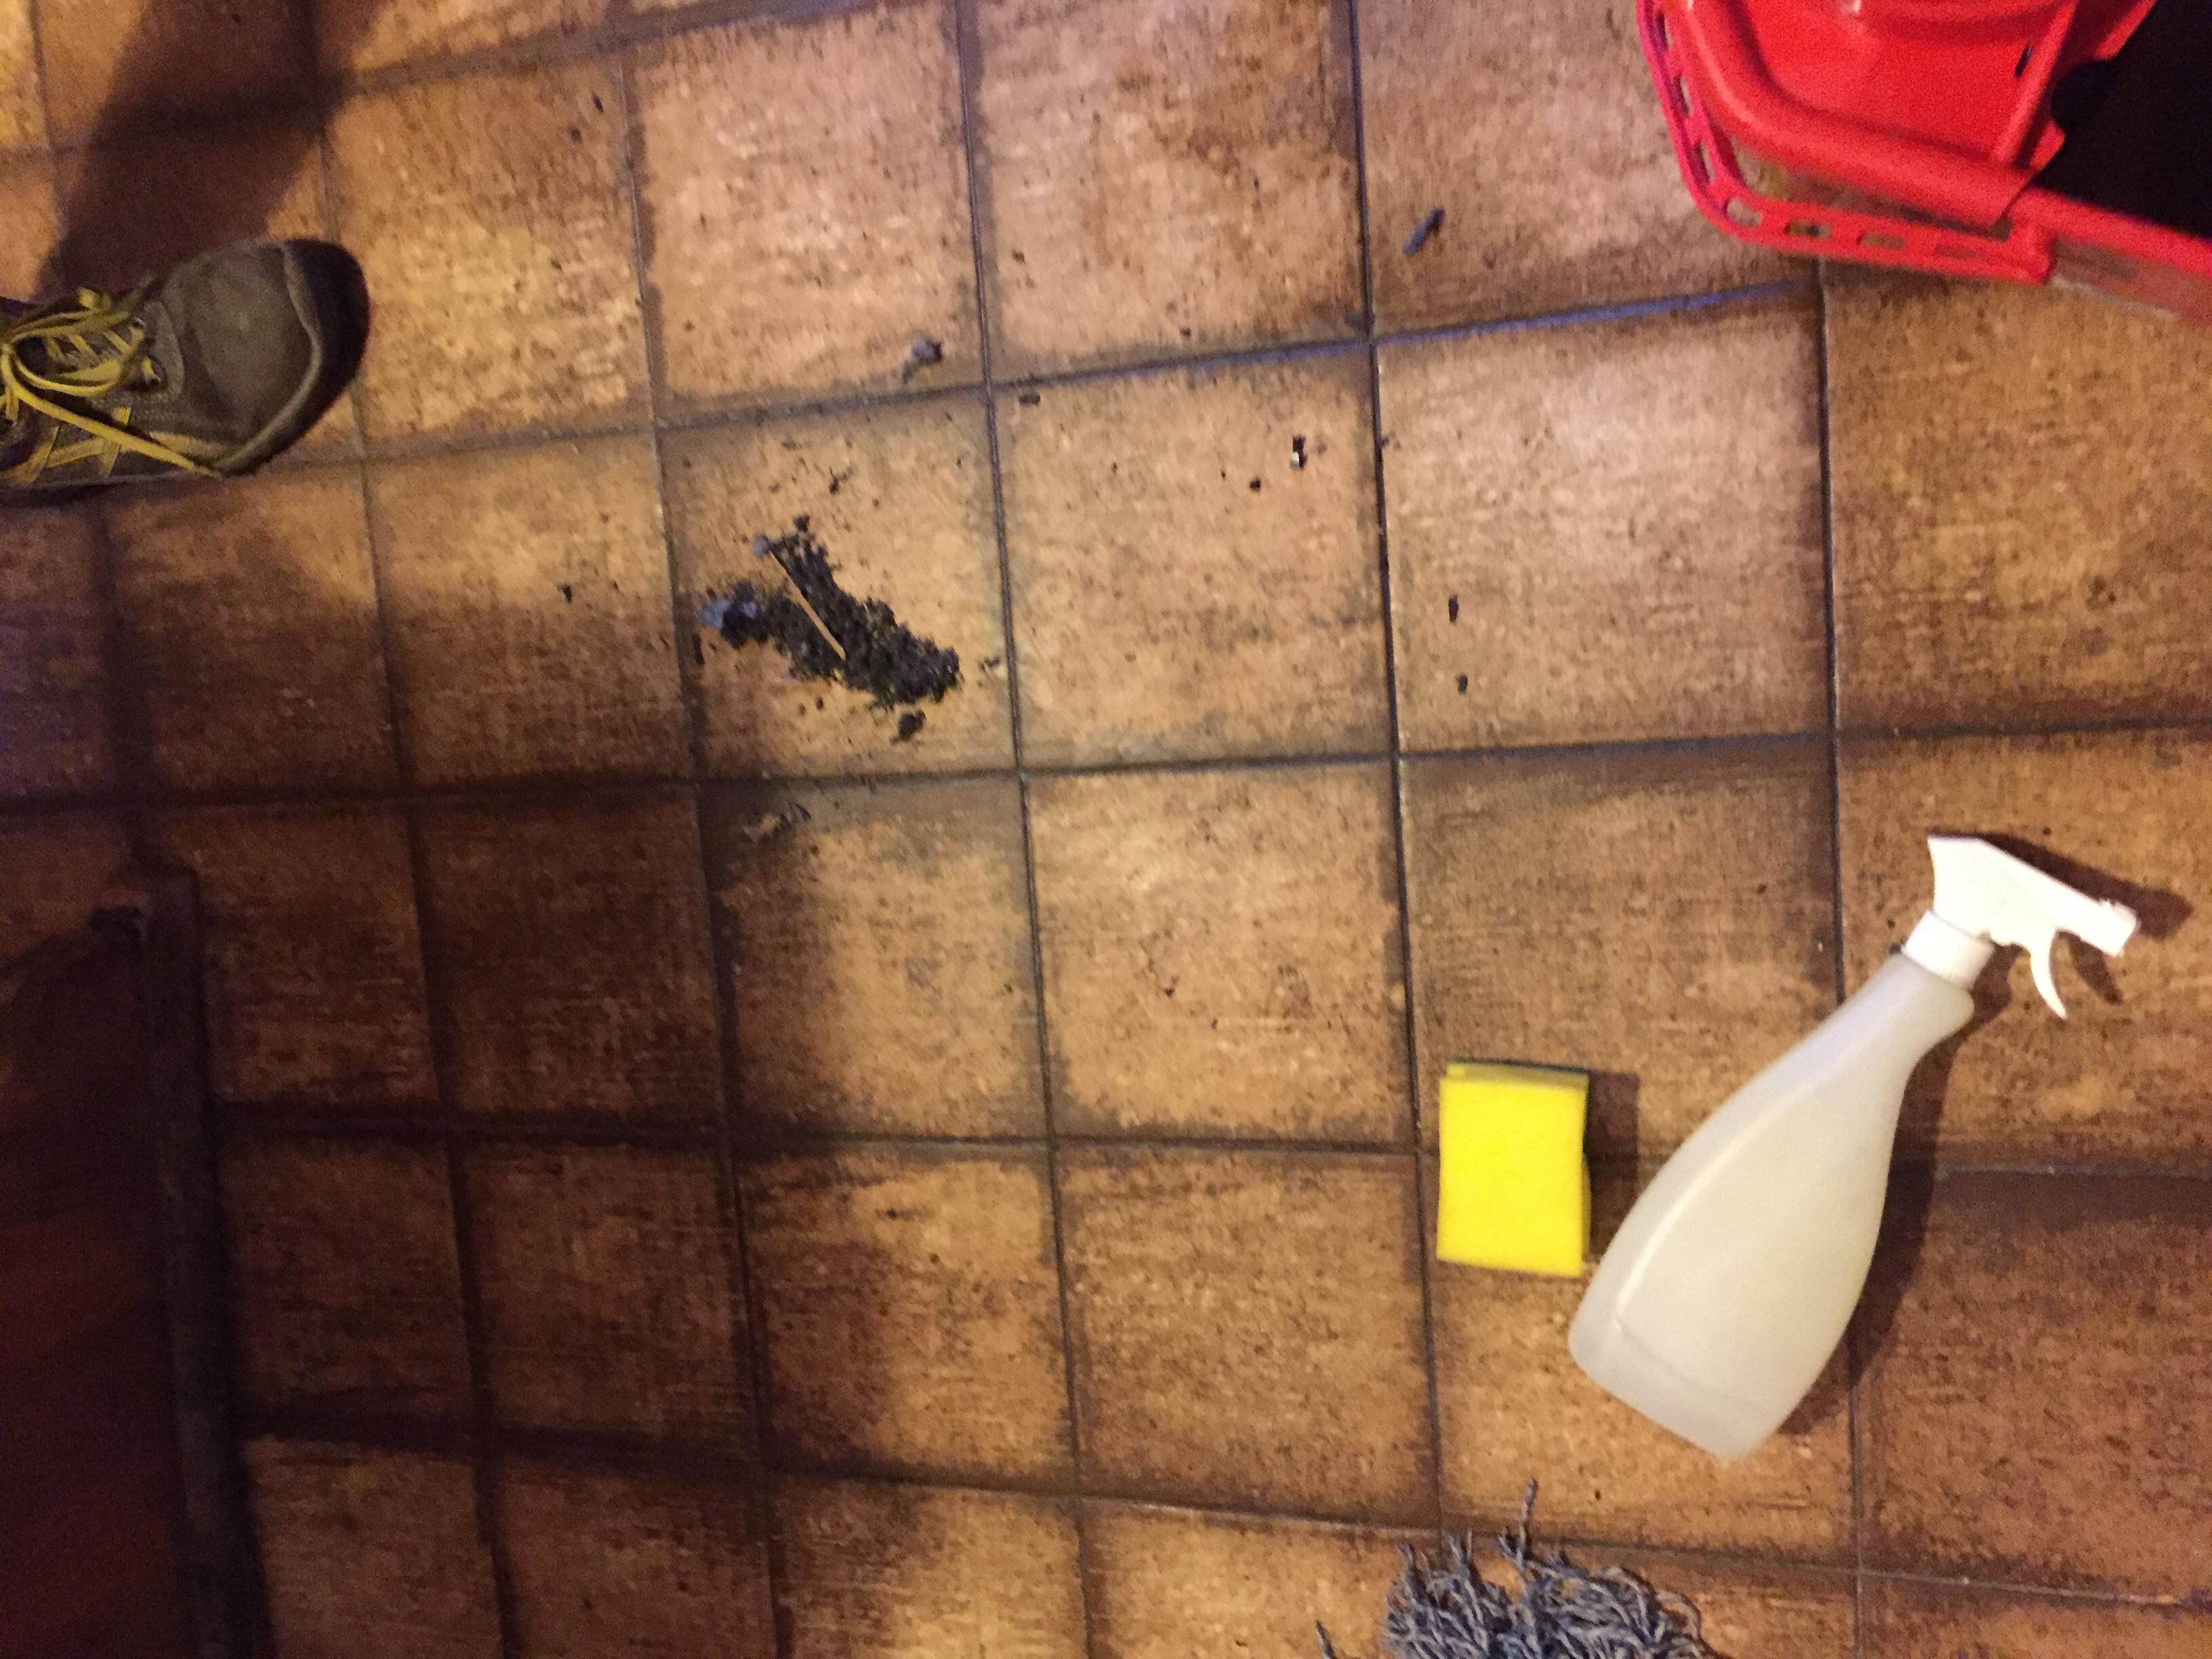 pulizia-lavaggio-pavimenti